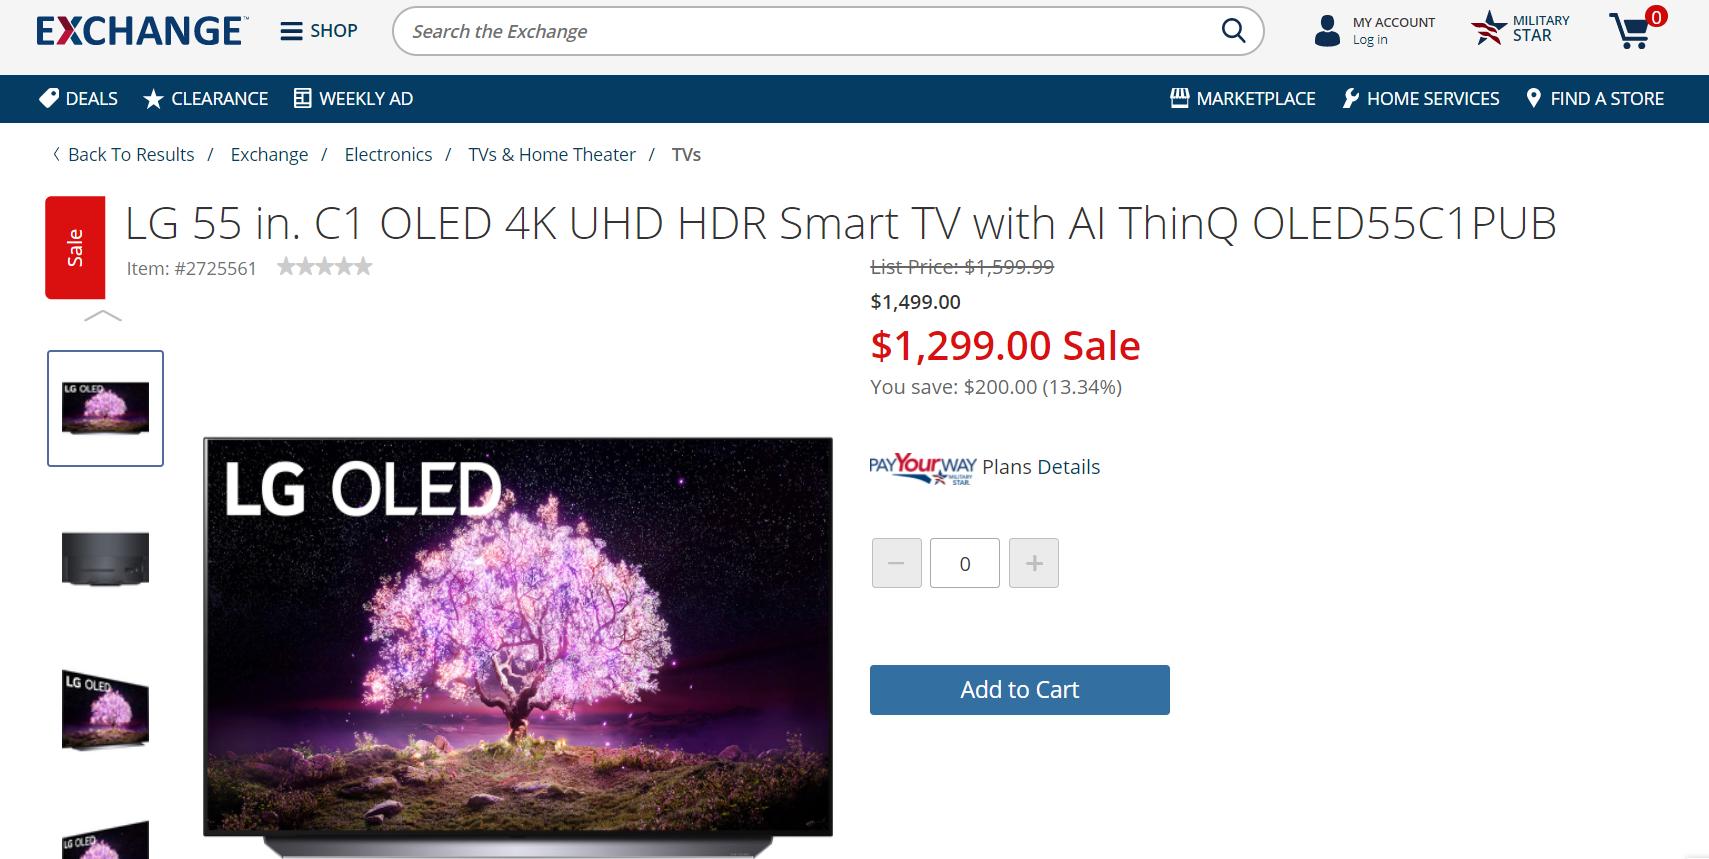 """AAFES Members:  LG 55"""" & 65"""" C1 OLED 4K HDR Smart TV with ThinQ OLED55C1PUB & OLED65C1PUB $1299 & $1899 no tax & FS"""